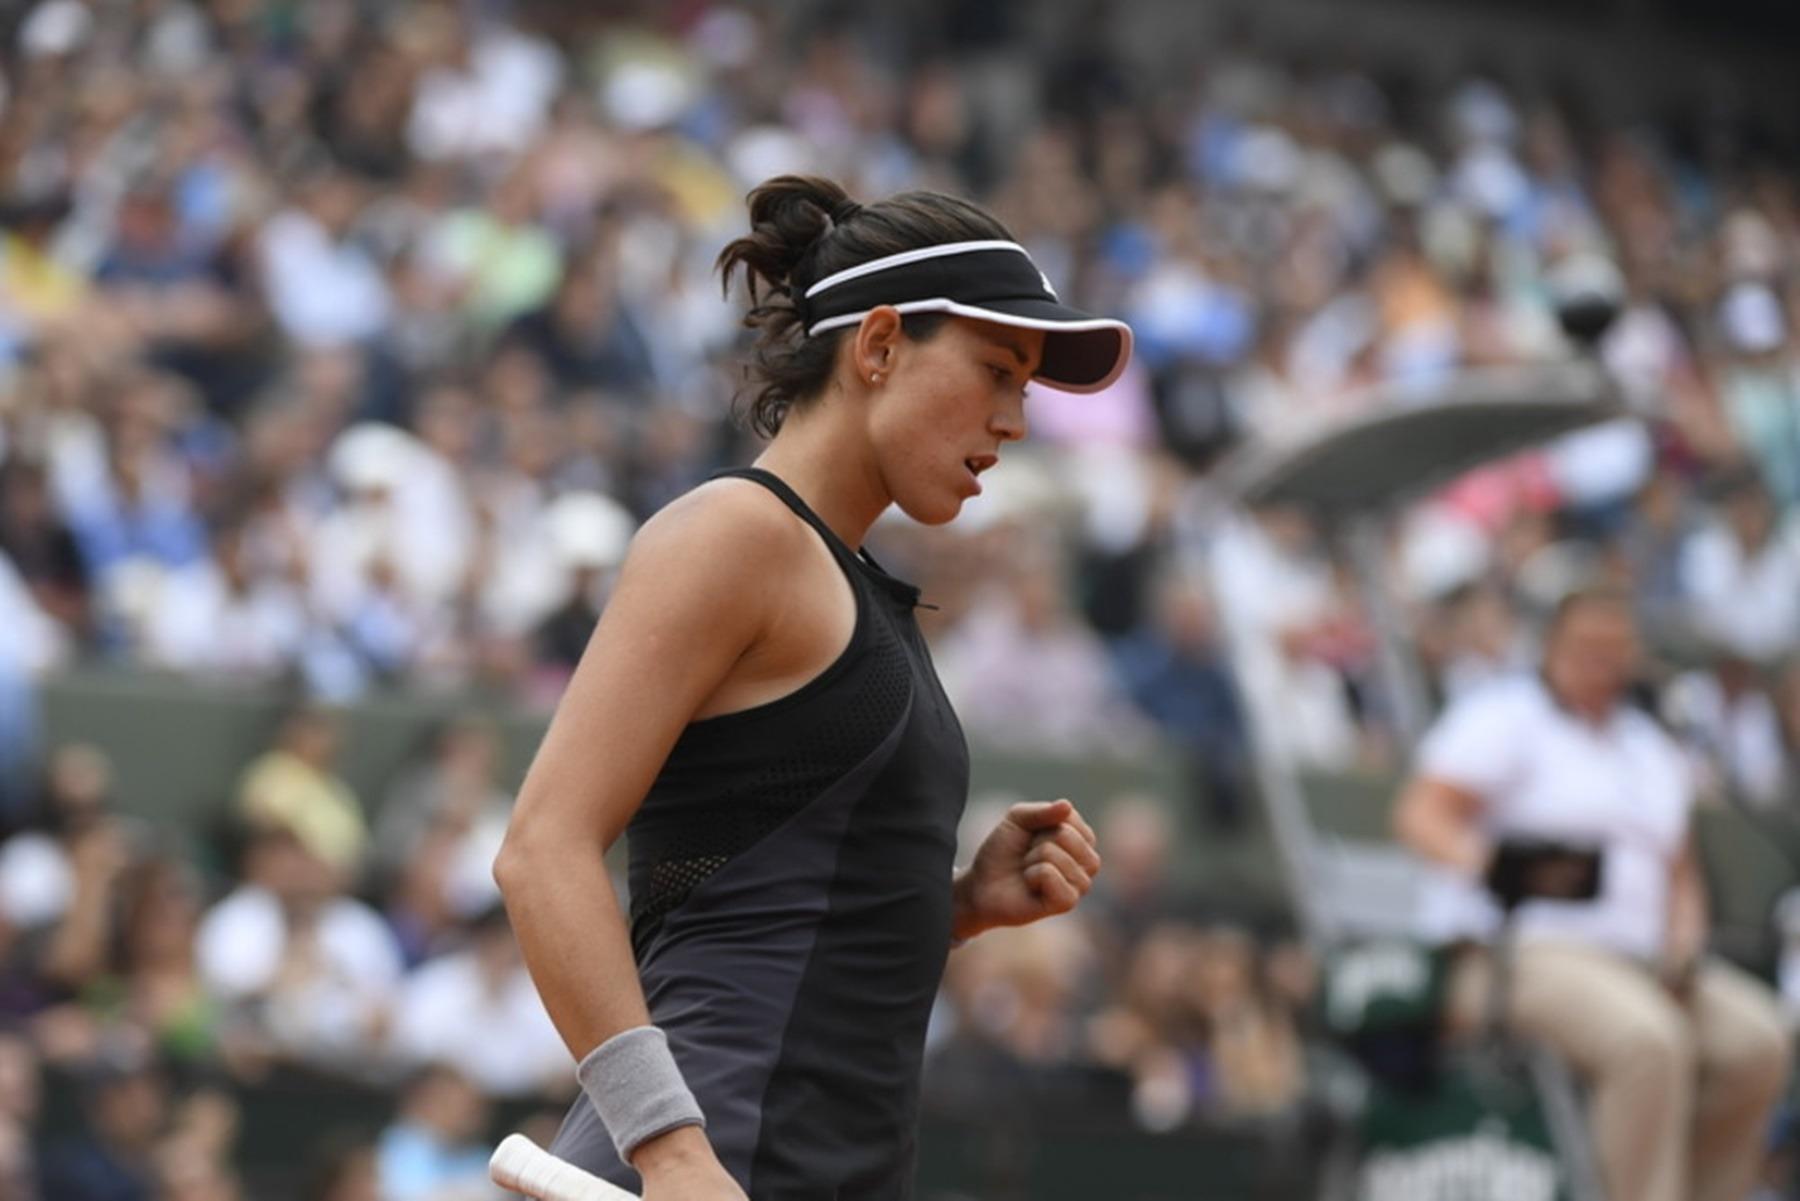 Em busca do bicampeonato, Garbiñe Muguruza bate Elina Svitolina em Roland Garros